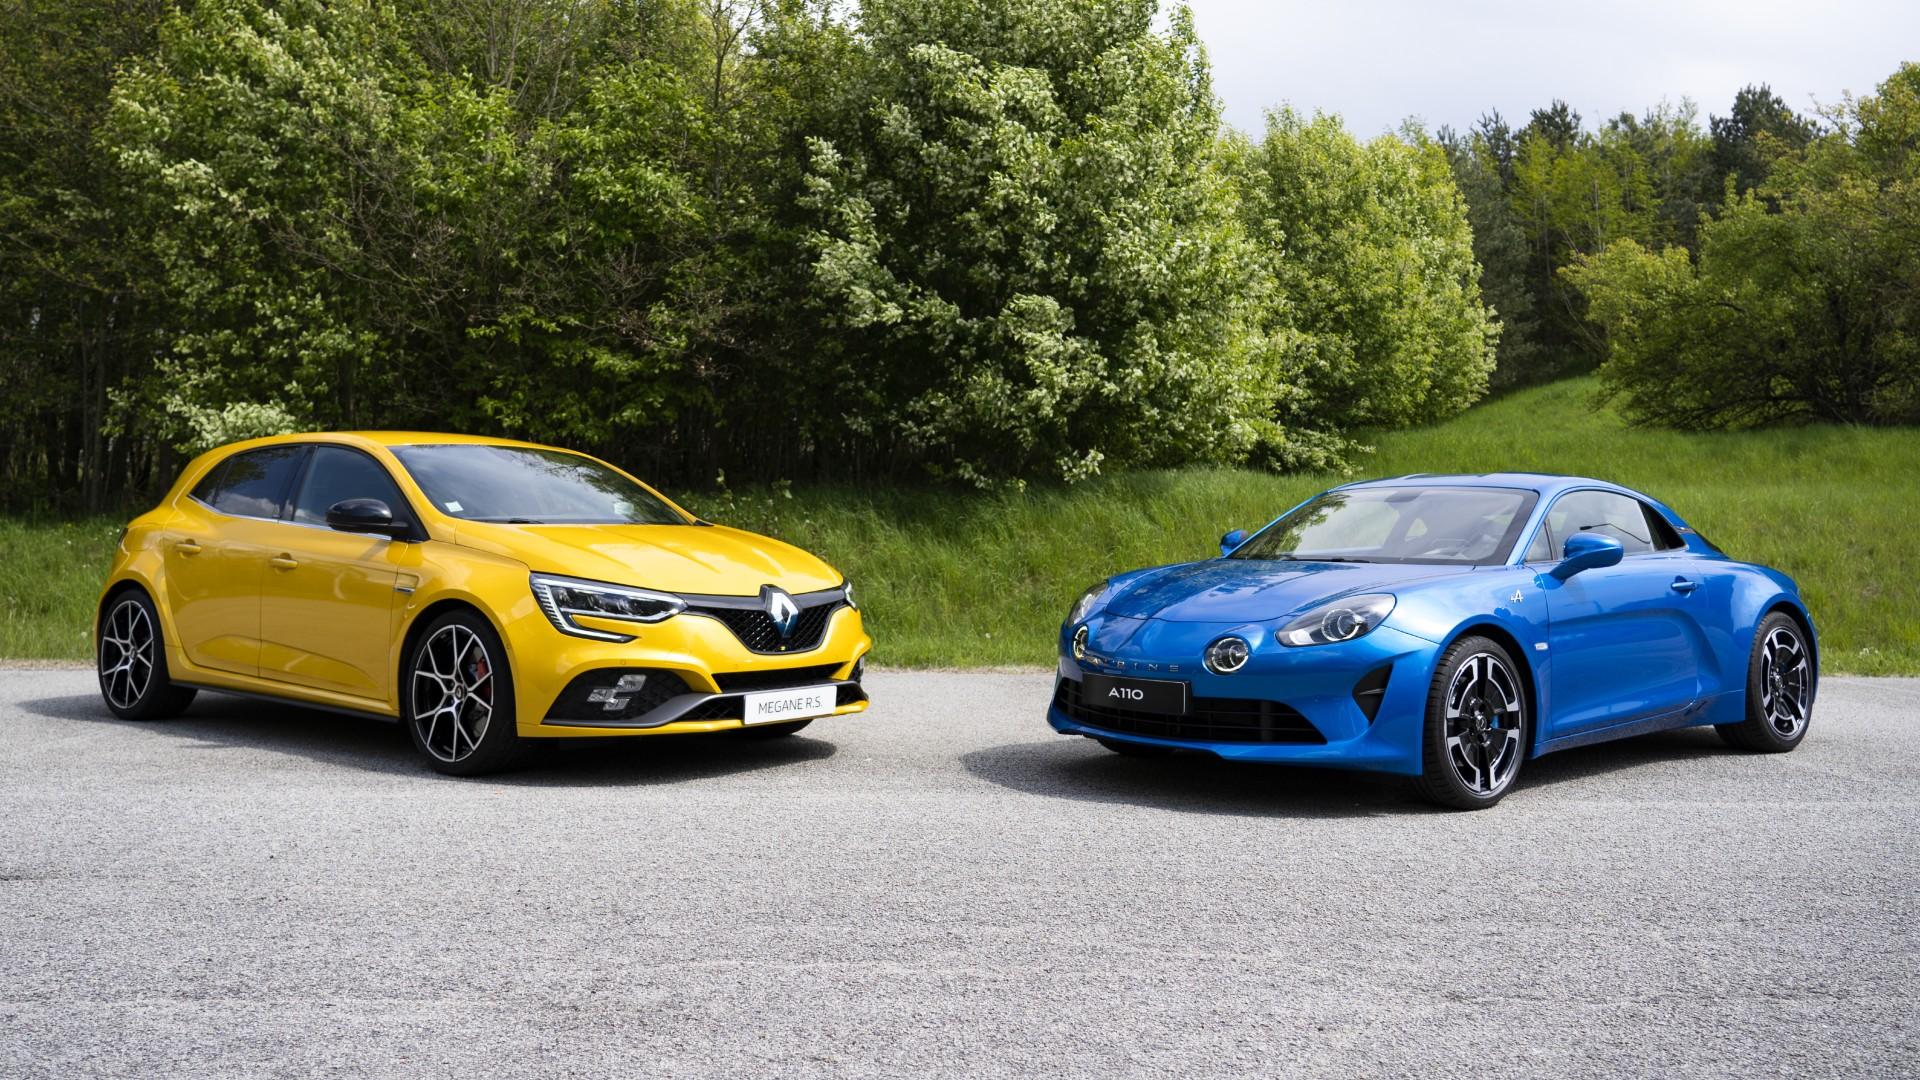 Με τα σήματα της Alpine όλα τα σπορ μοντέλα της Renault